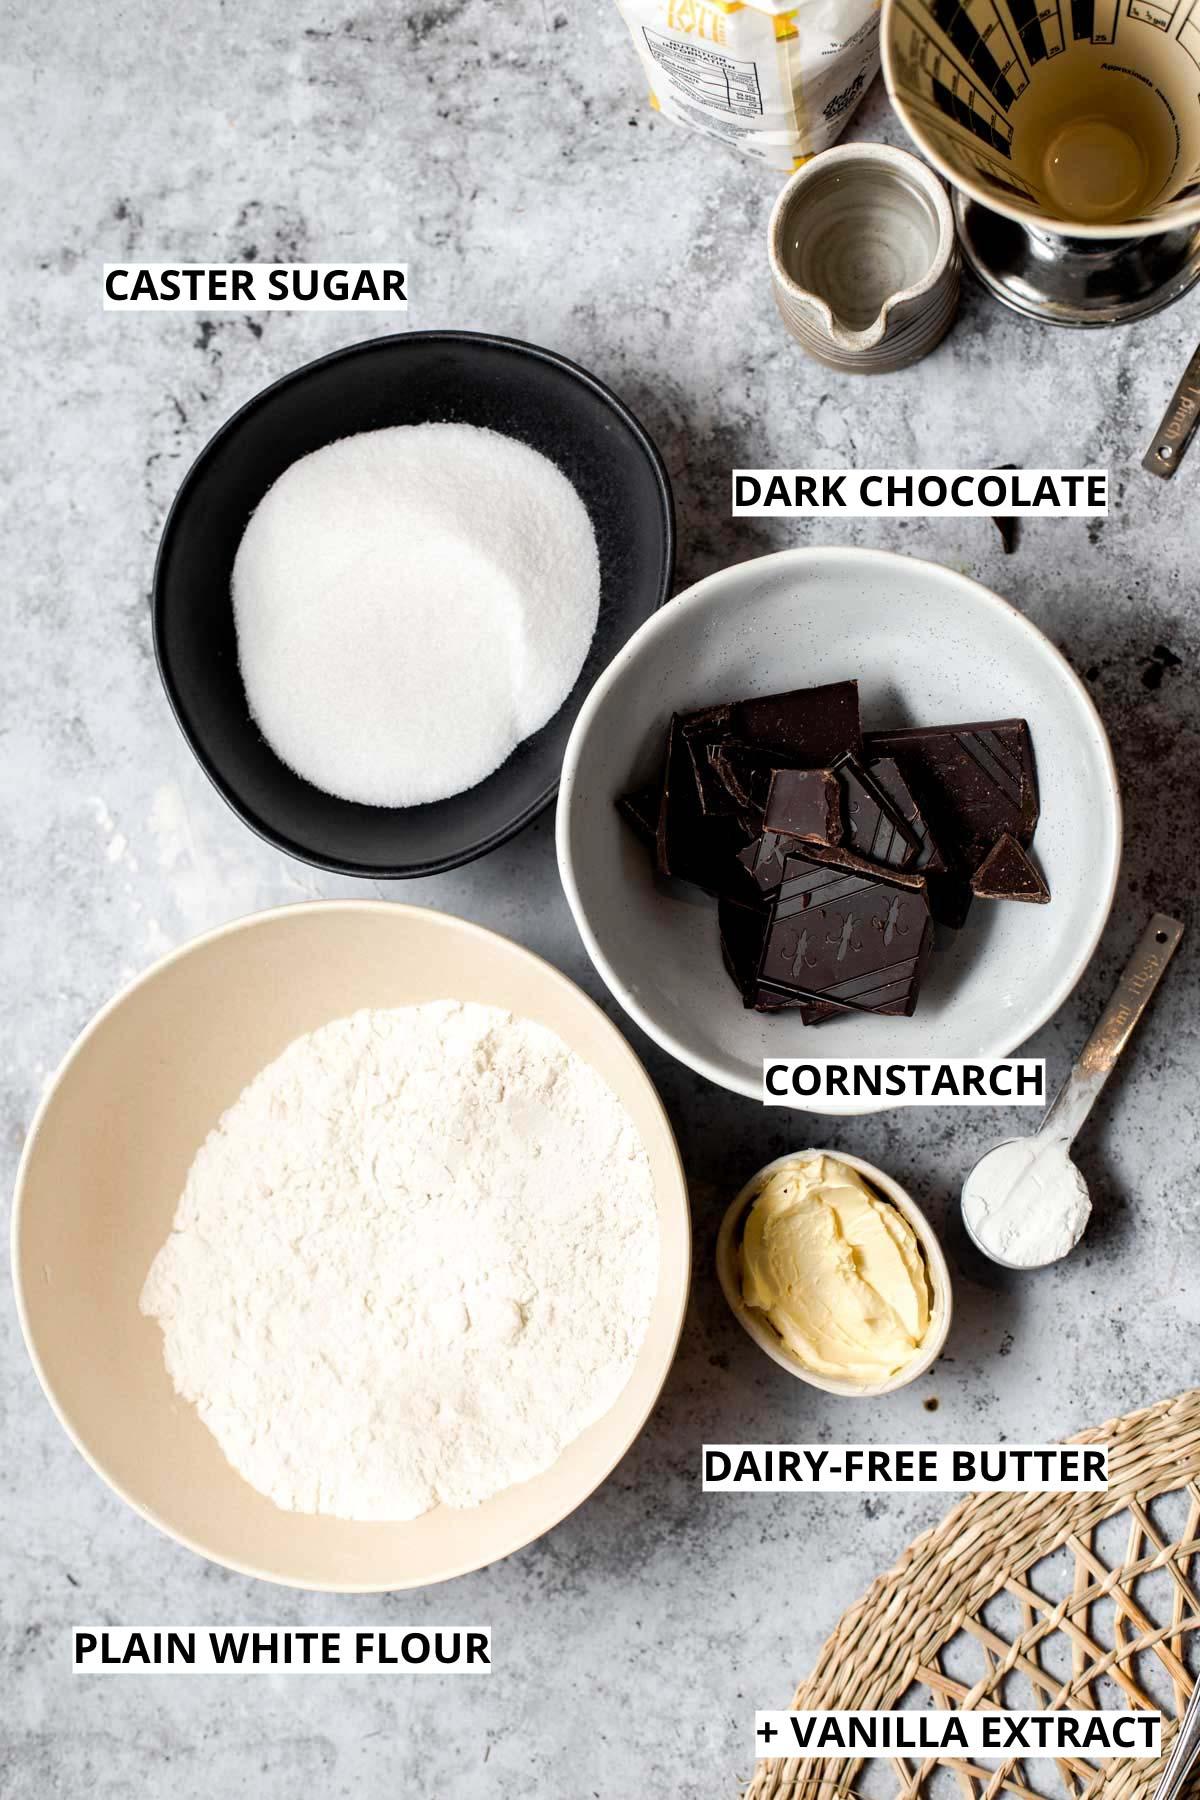 The ingredients needed to bake vegan shortbread cookies.